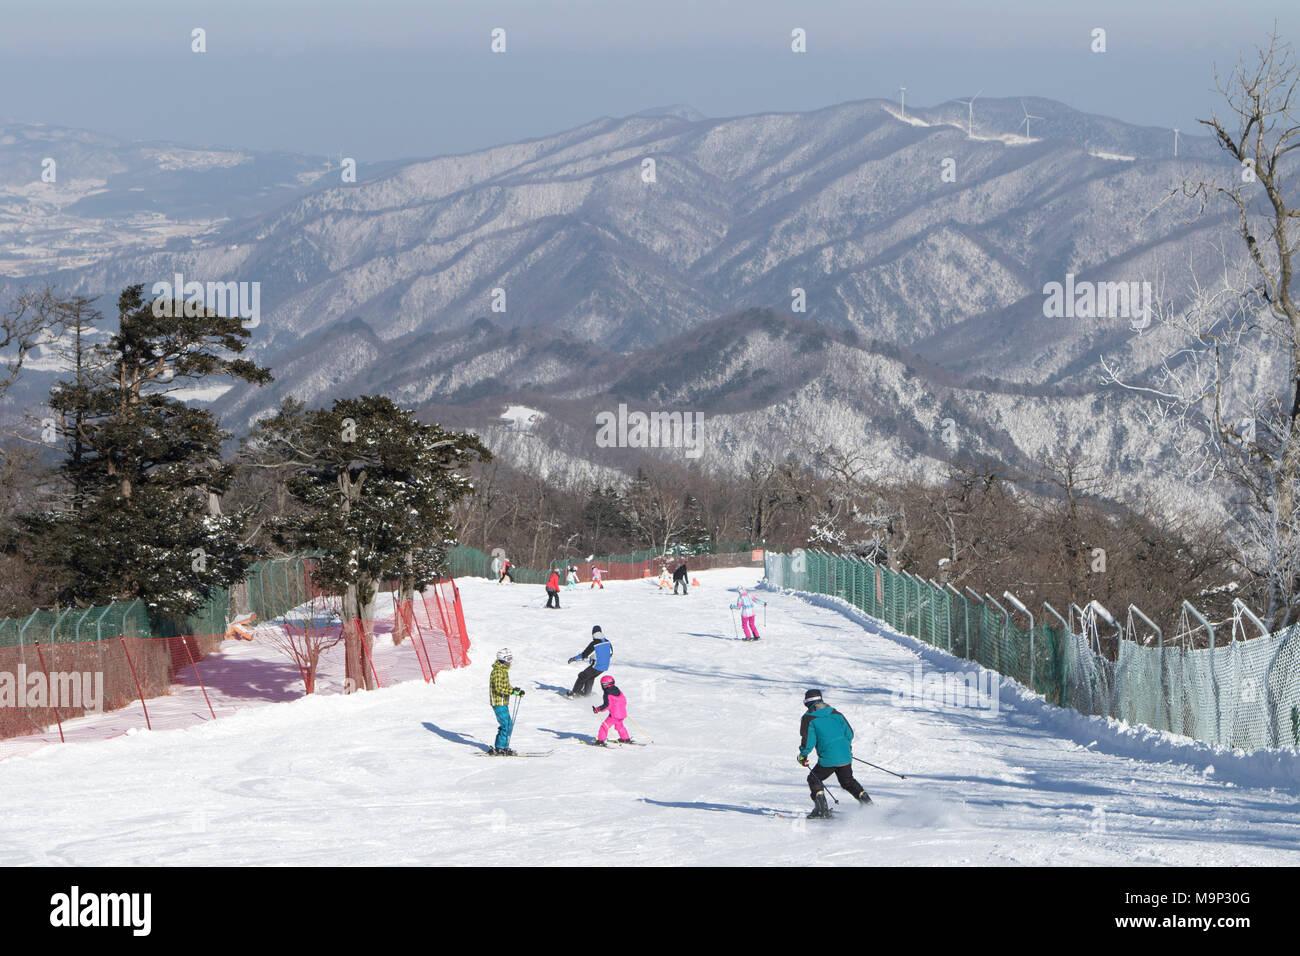 Uno sguardo verso il basso il paradiso Arcobaleno eseguire presso il centro Yongpyong, che è la discesa olimpica per il 2018 Giochi Invernali. Yongpyong (Dragon Valley) Ski Resort è una stazione sciistica in Corea del Sud, situato in Daegwallyeong-myeon, Pyeongchang, Gangwon-do. È il più grande sci e snowboard resort in Corea. Yongpyong ospiterà la tecnica sci alpino eventi per il 2018 Olimpiadi e Paraolimpiadi invernali di Pyeongchang. Alcune scene del 2002 Korean Broadcasting System dramma Sonata di Inverno sono state filmate presso il resort. Immagini Stock